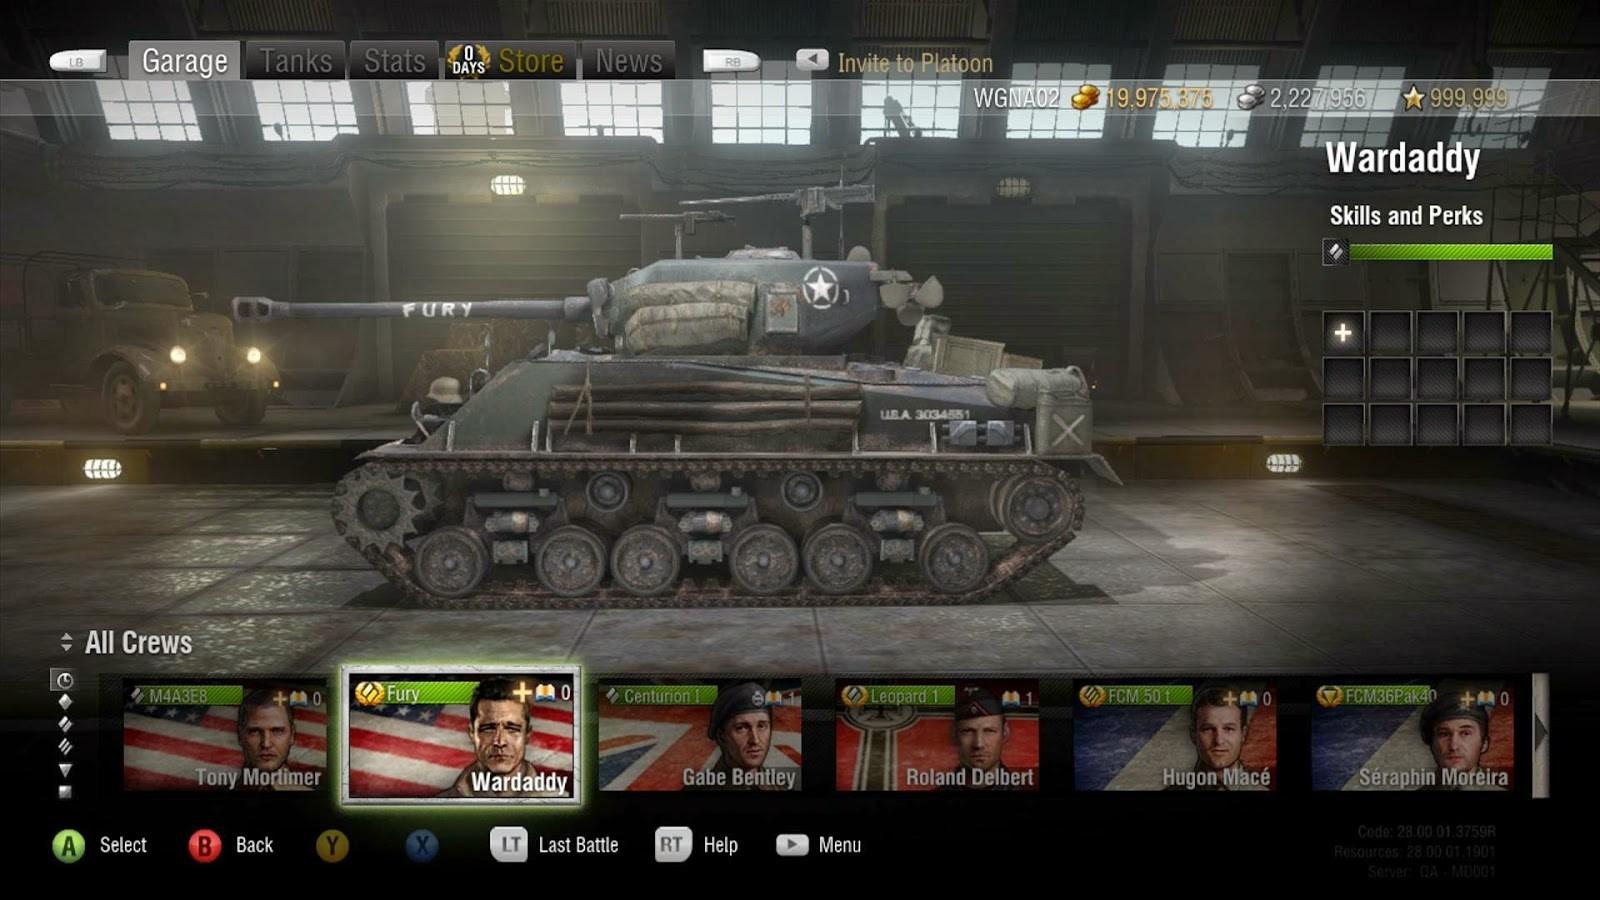 Как пересадить экипаж в другой танк в игре World of Tanks